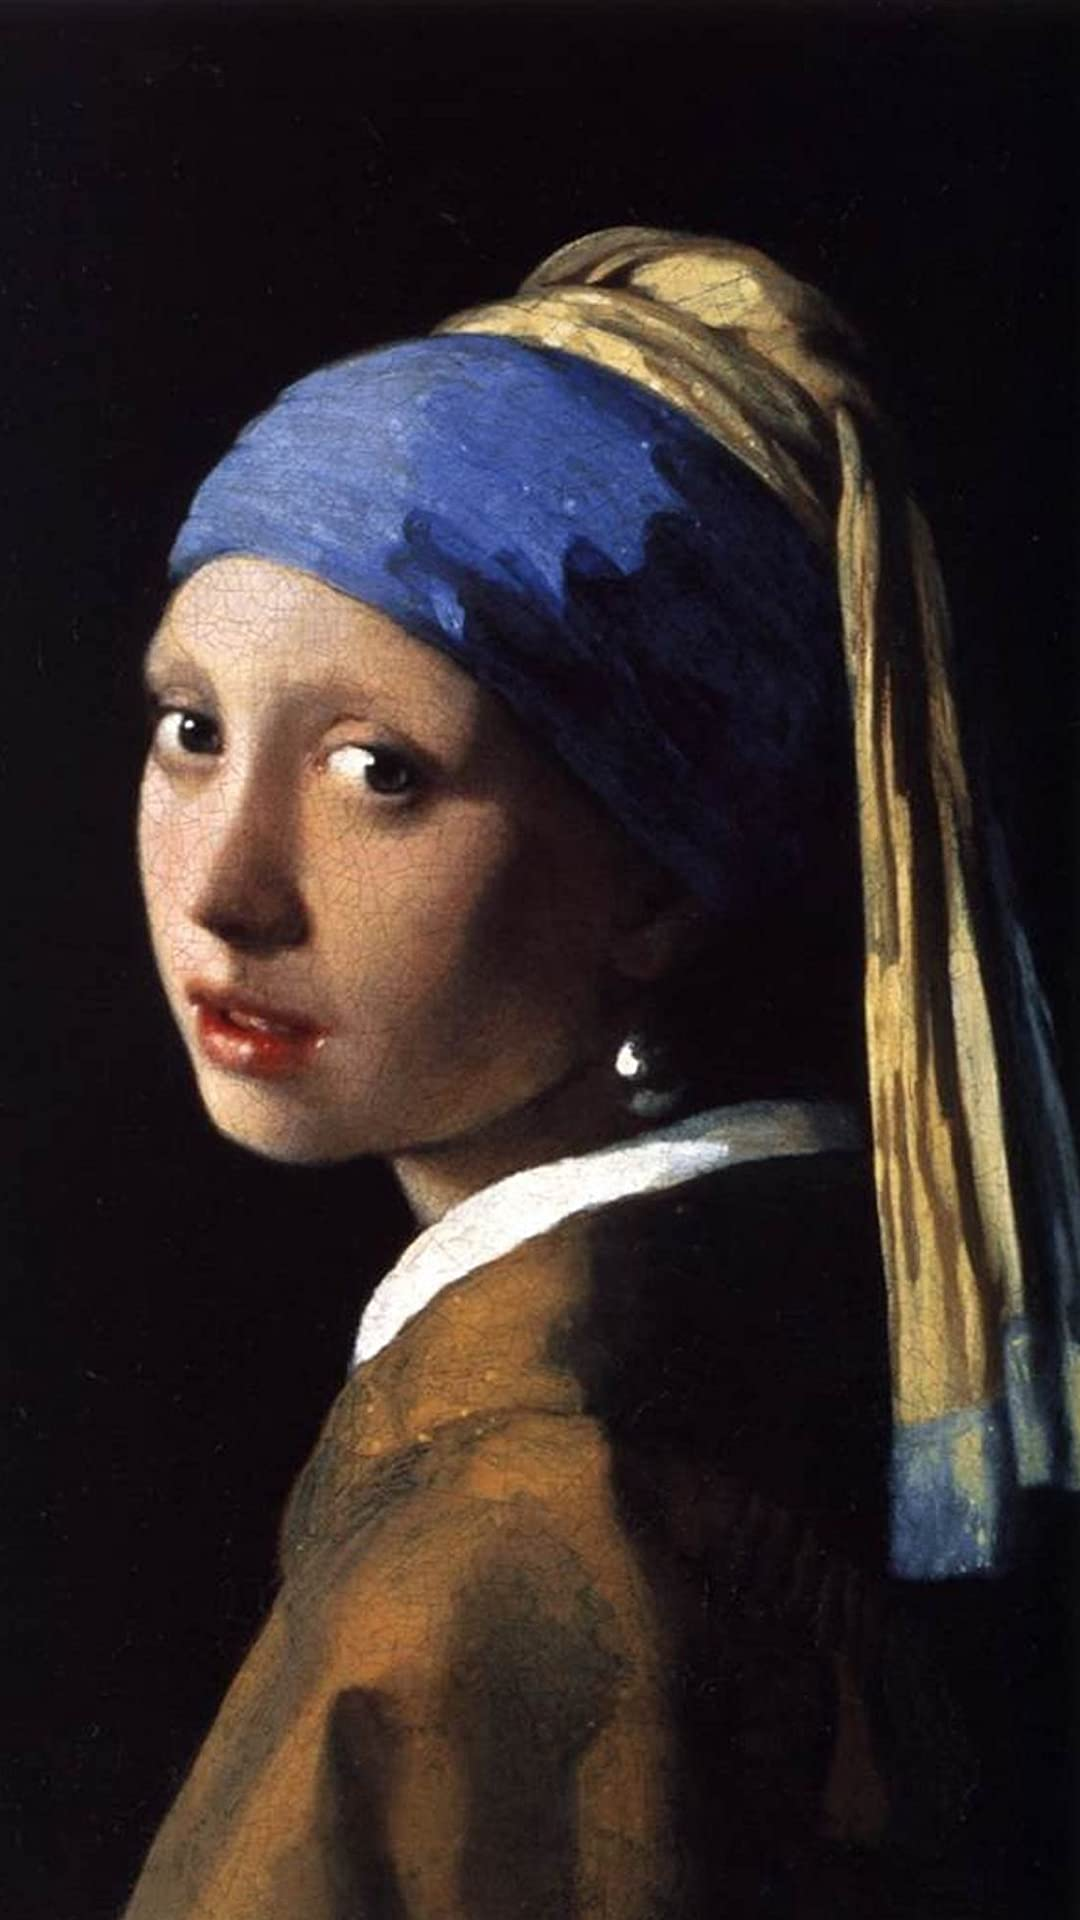 絵画 真珠の耳飾りの少女 フェルメール フルhd 1080 1920 スマホ壁紙 待